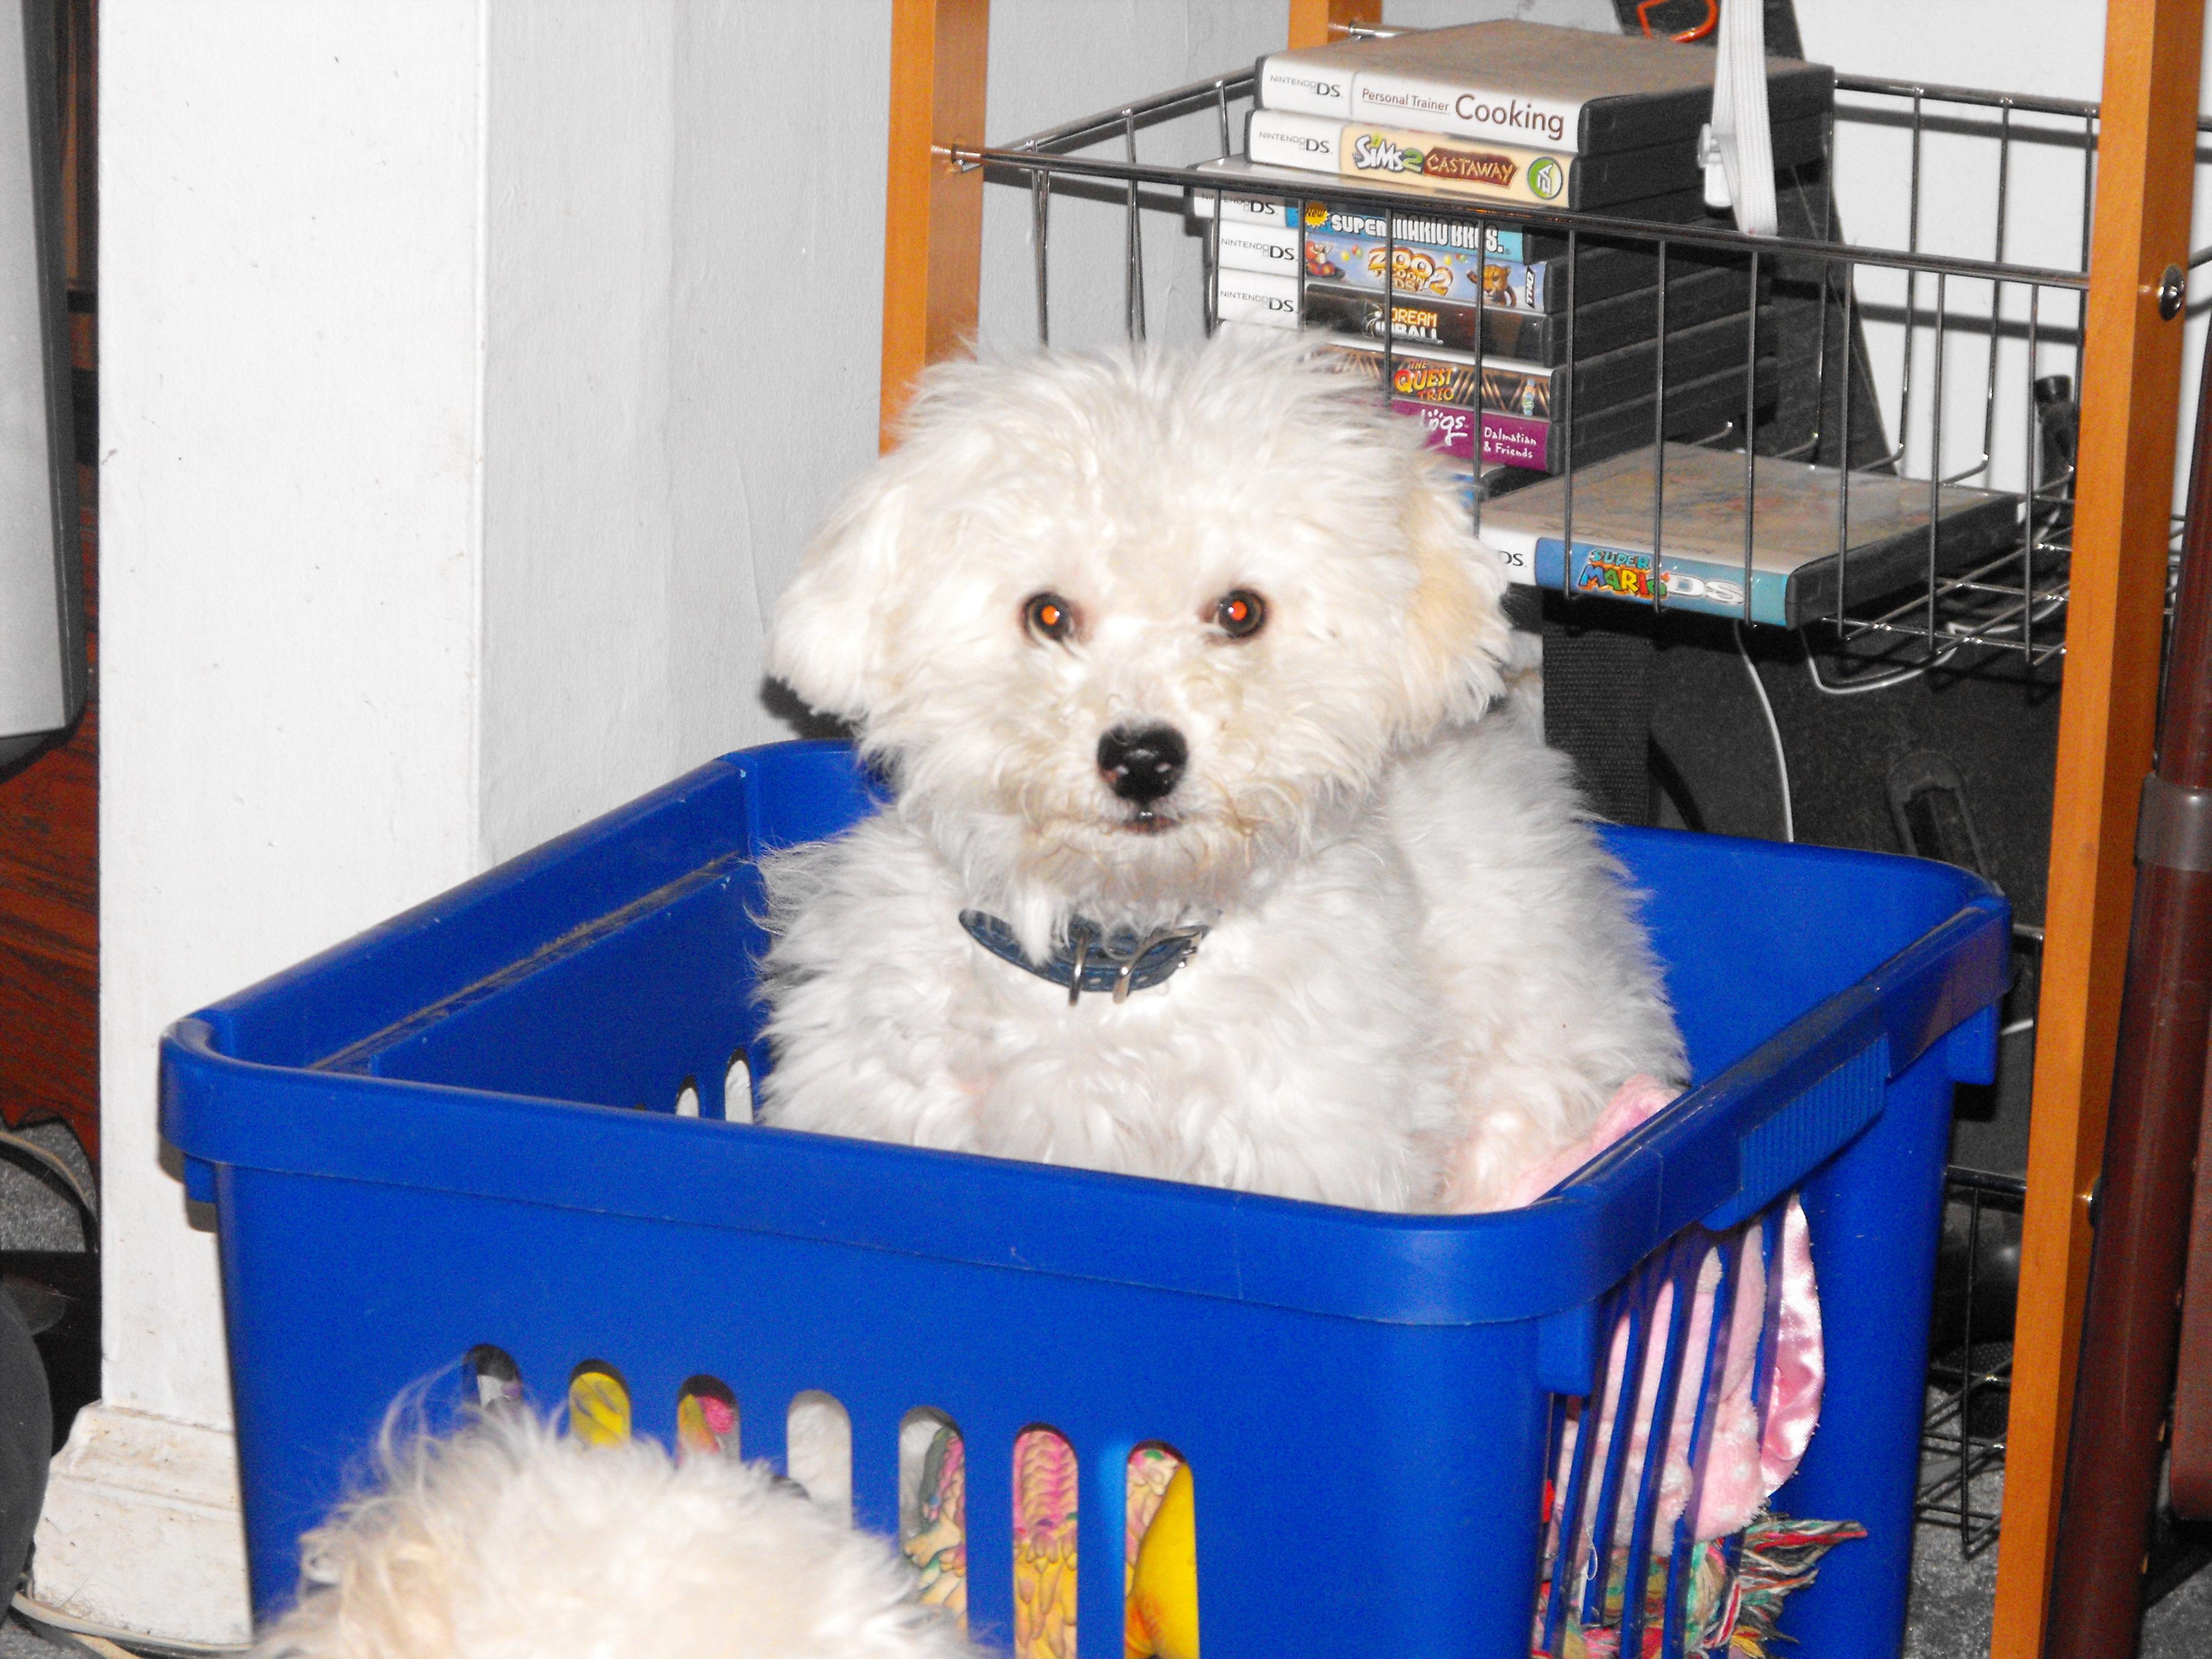 Puppy in toybox